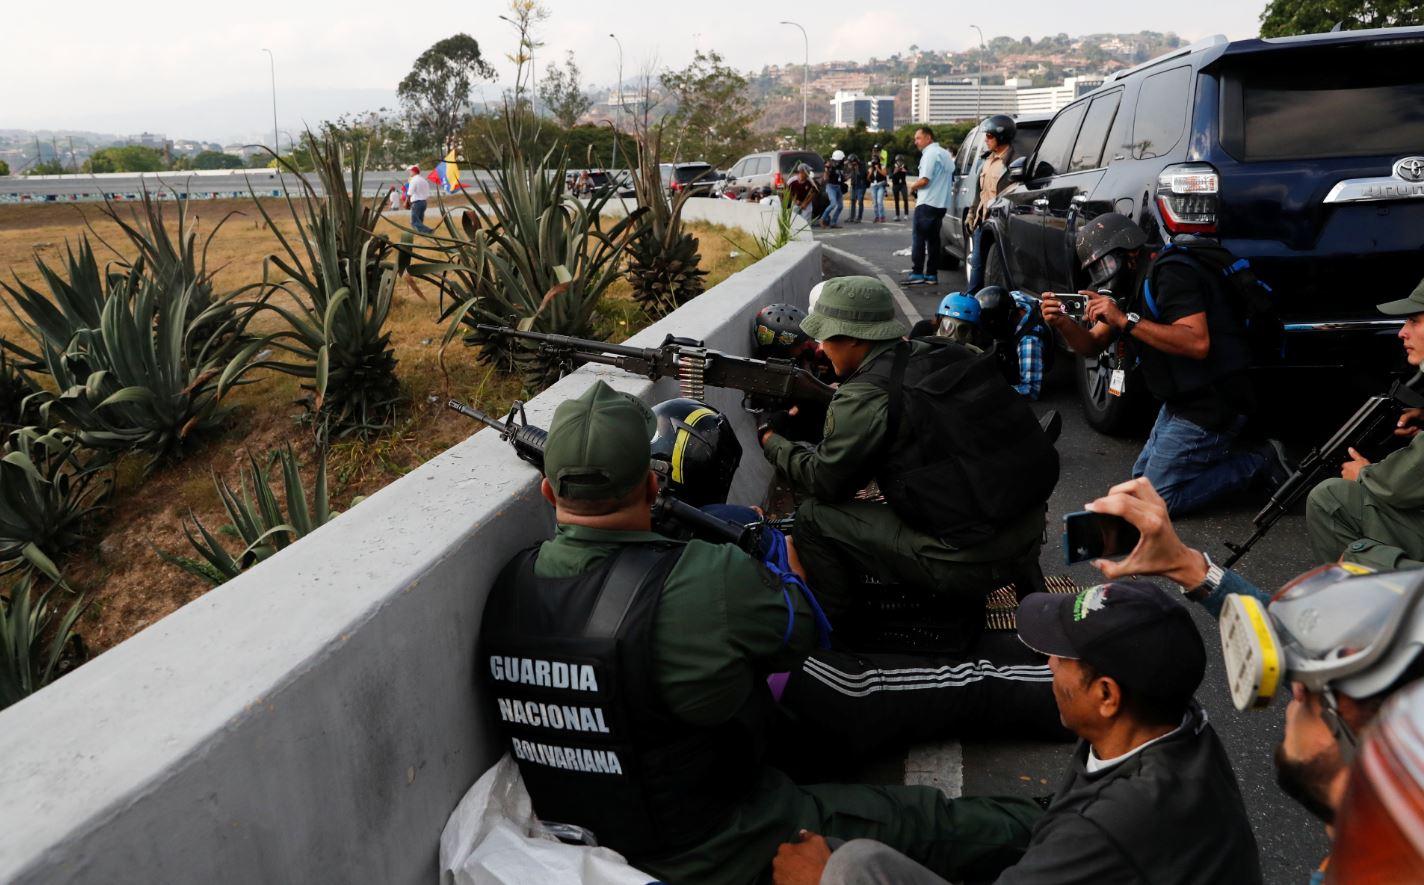 Soldados que apoyan el levantamiento militar de Juan Guaido toman cubierta ante el sonido de múltiples disparos provenientes de la base 'La Carlota' (Reuters)